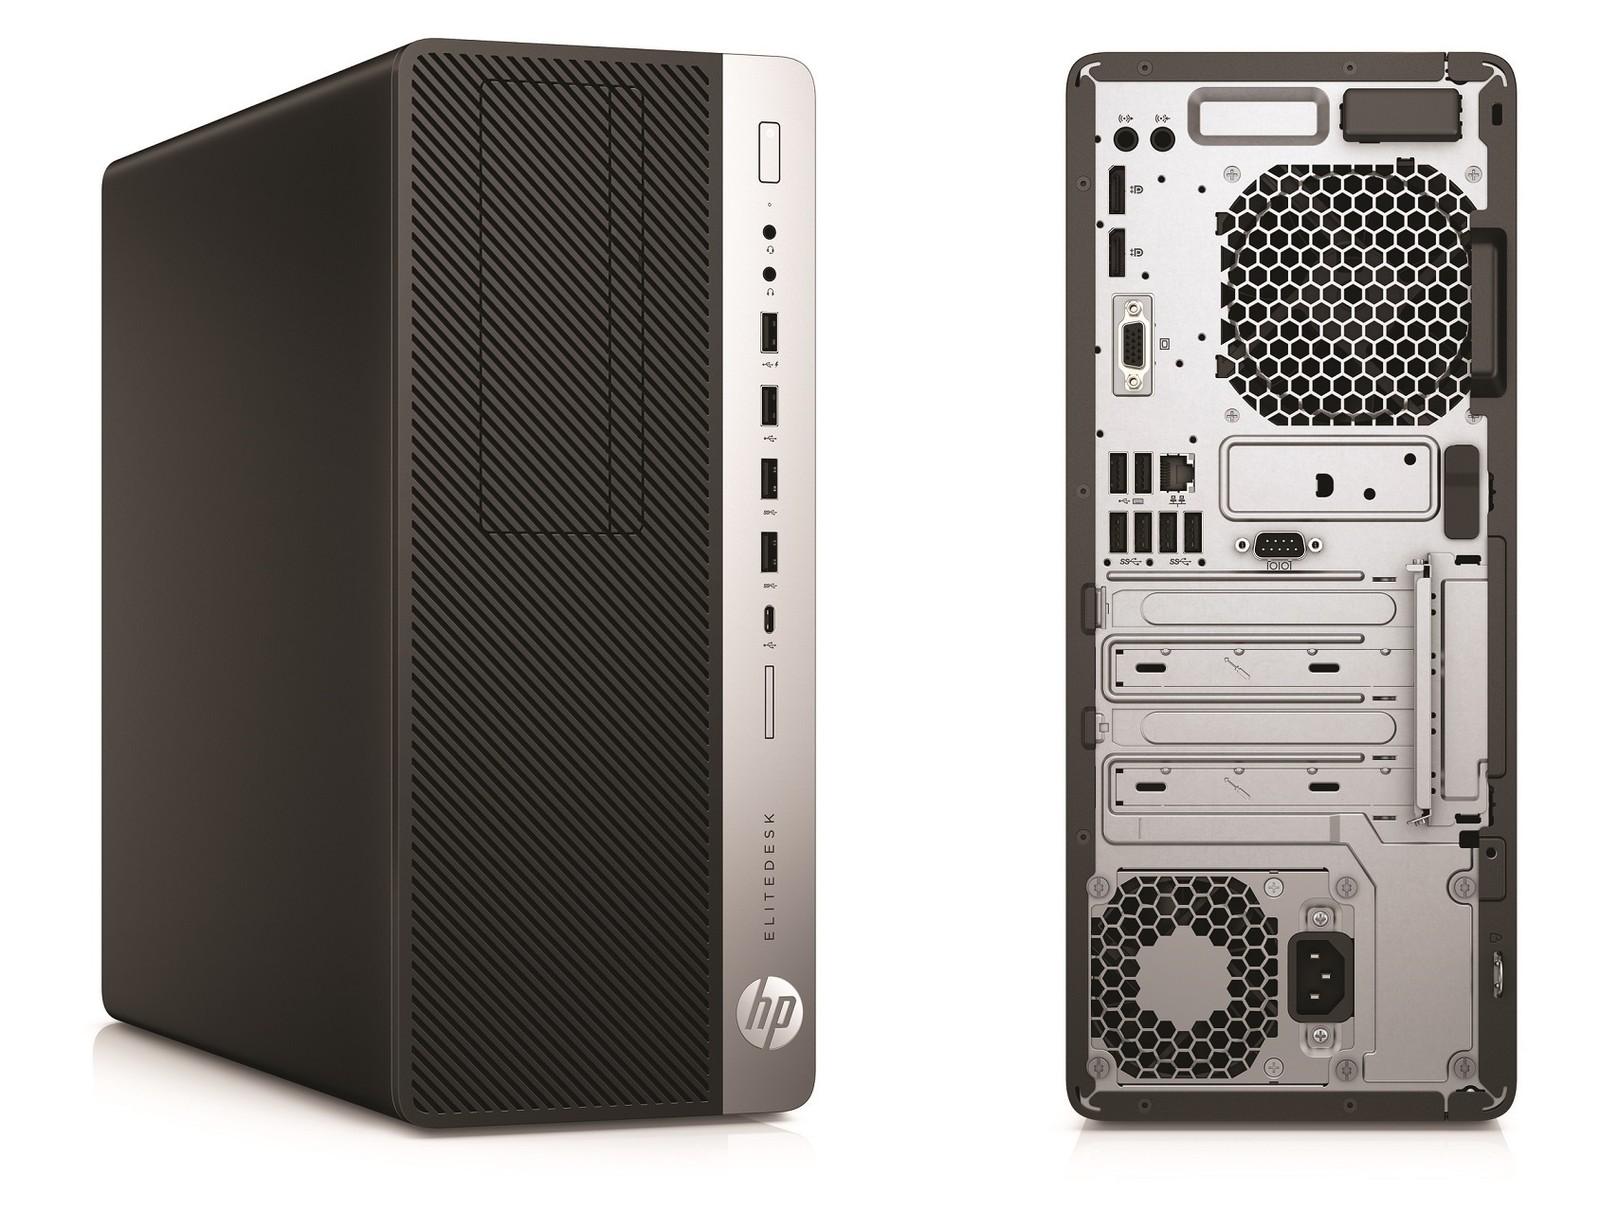 Máy tính để bàn HP EliteDesk 800 G3 Small Form Factor - 1DG91PA